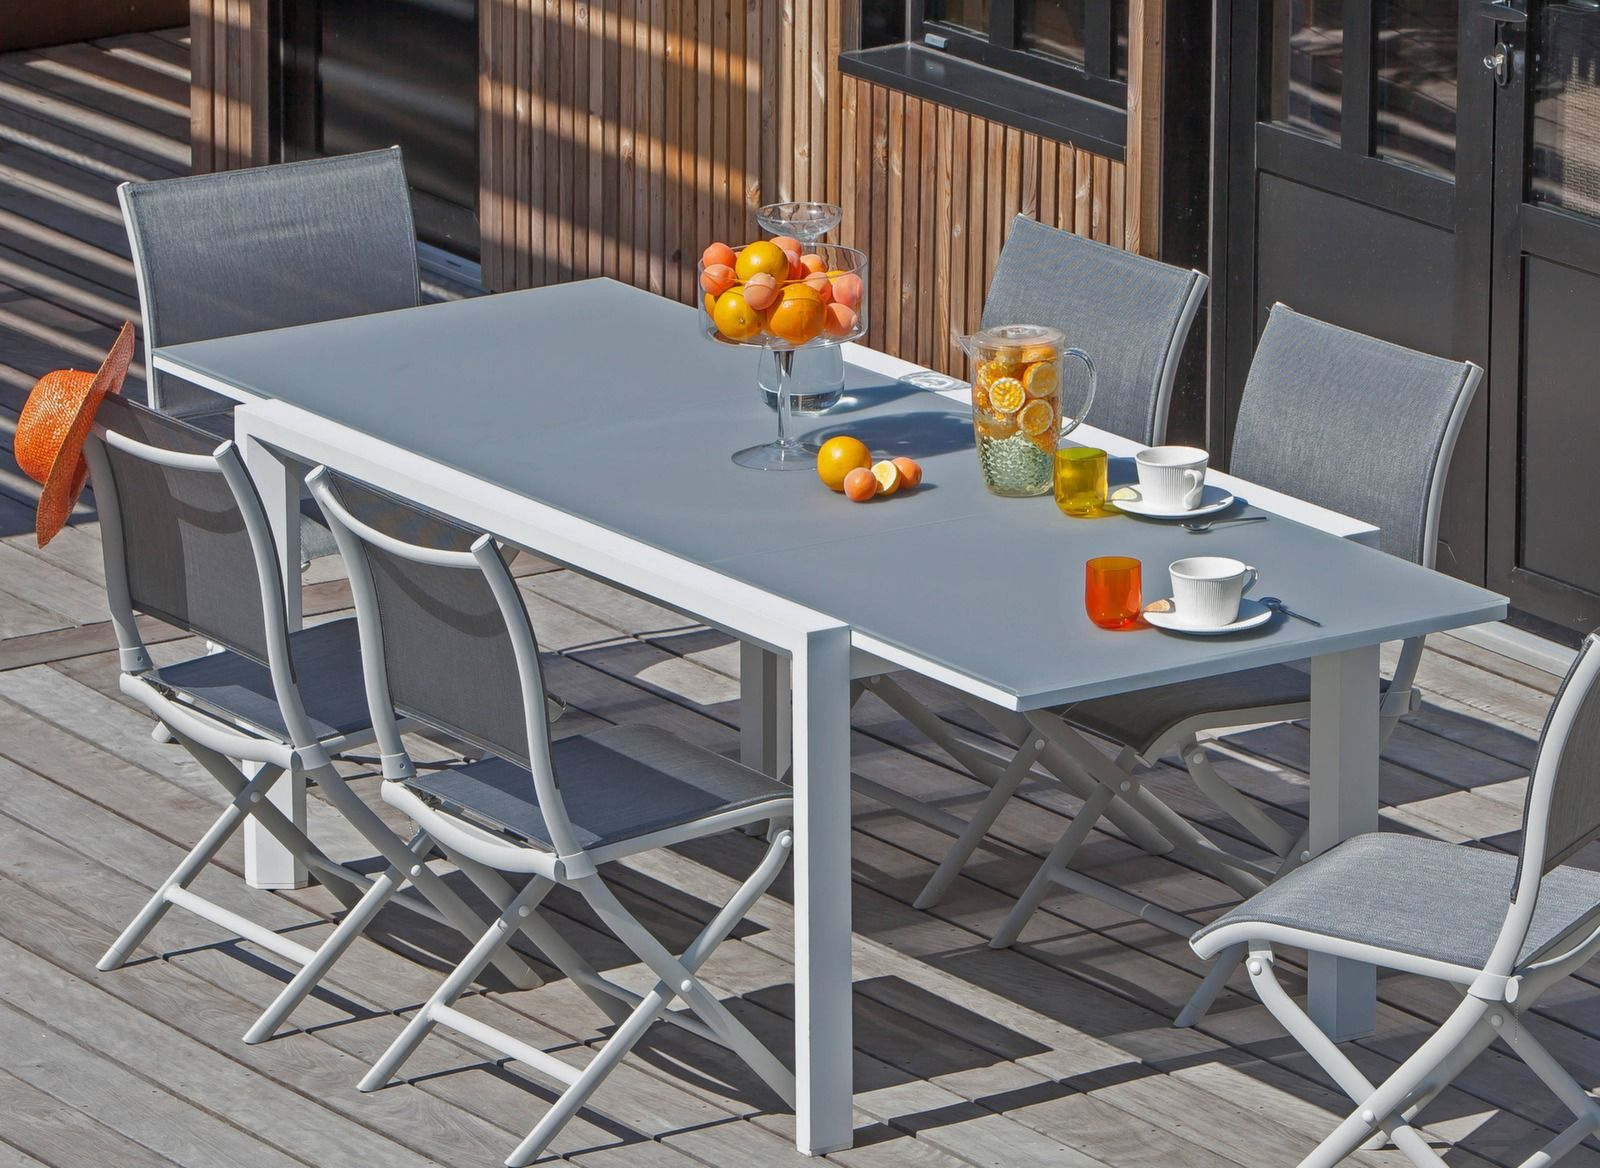 Table Juan 160 240 Cm Plateau Verre Mobilier Jardin Mobilier Exterieur Et Mobilier